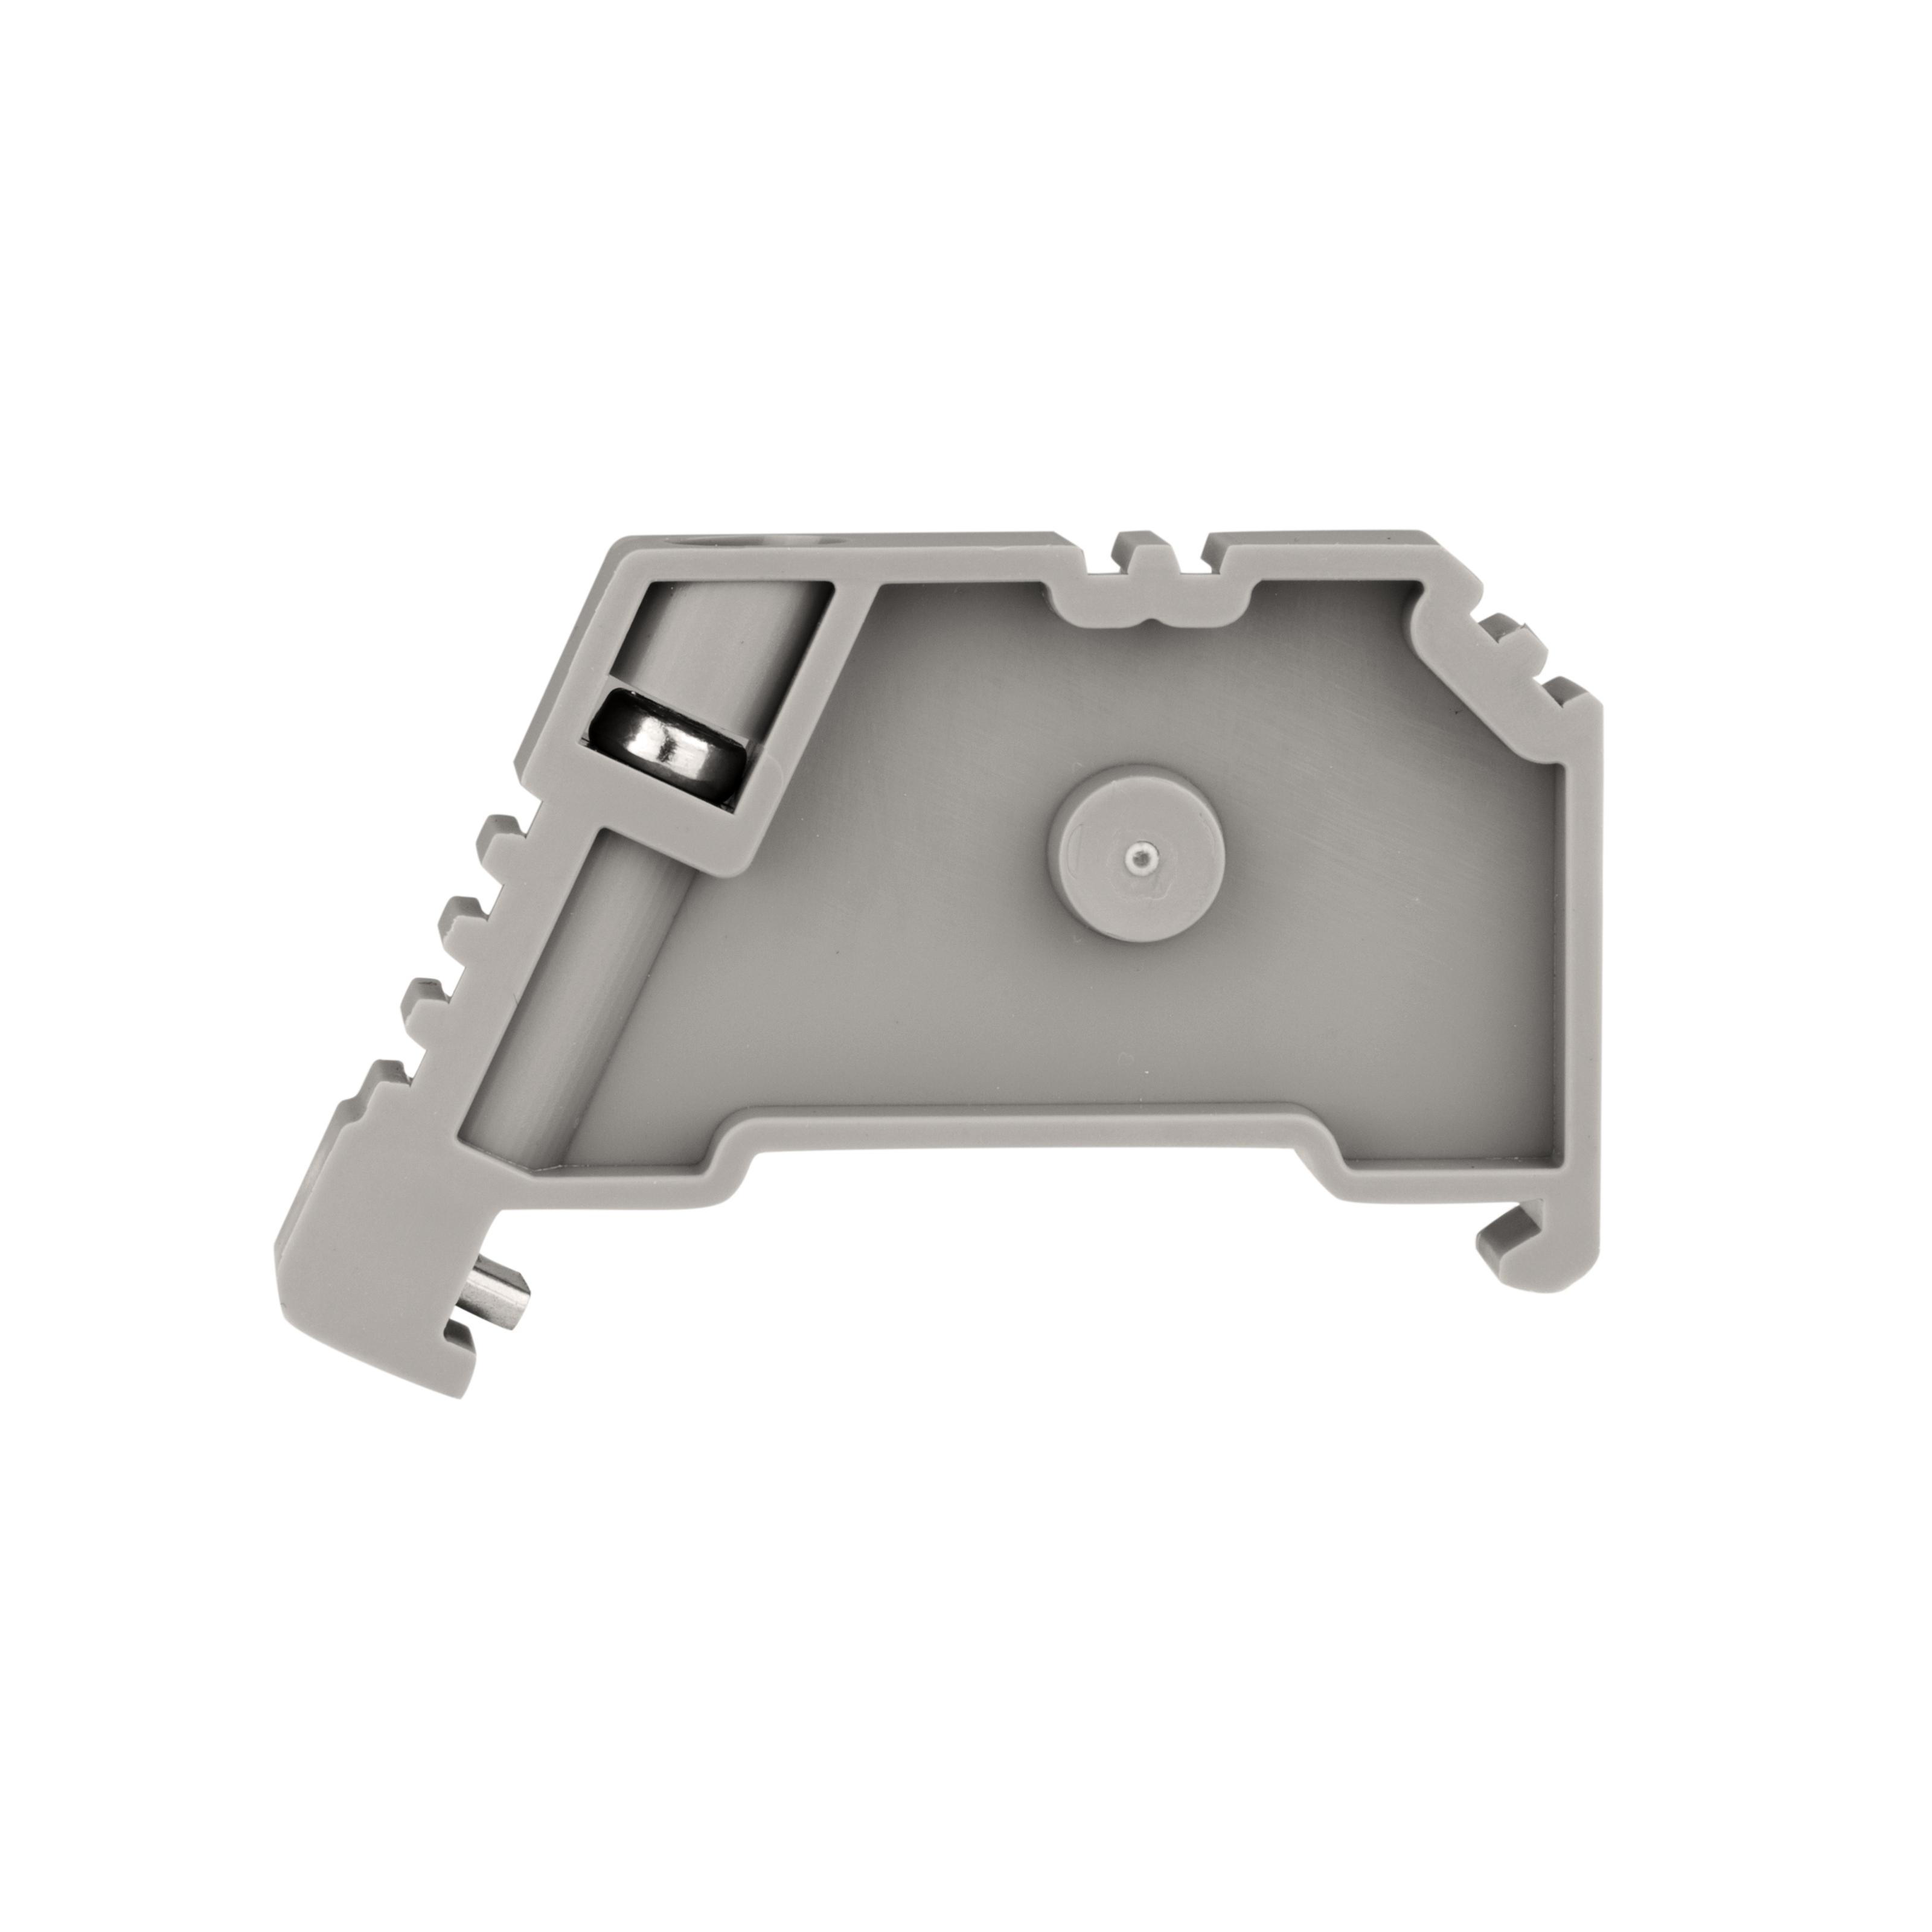 1 Stk Endhalter für DIN-Schiene, schraubbar IK623001--